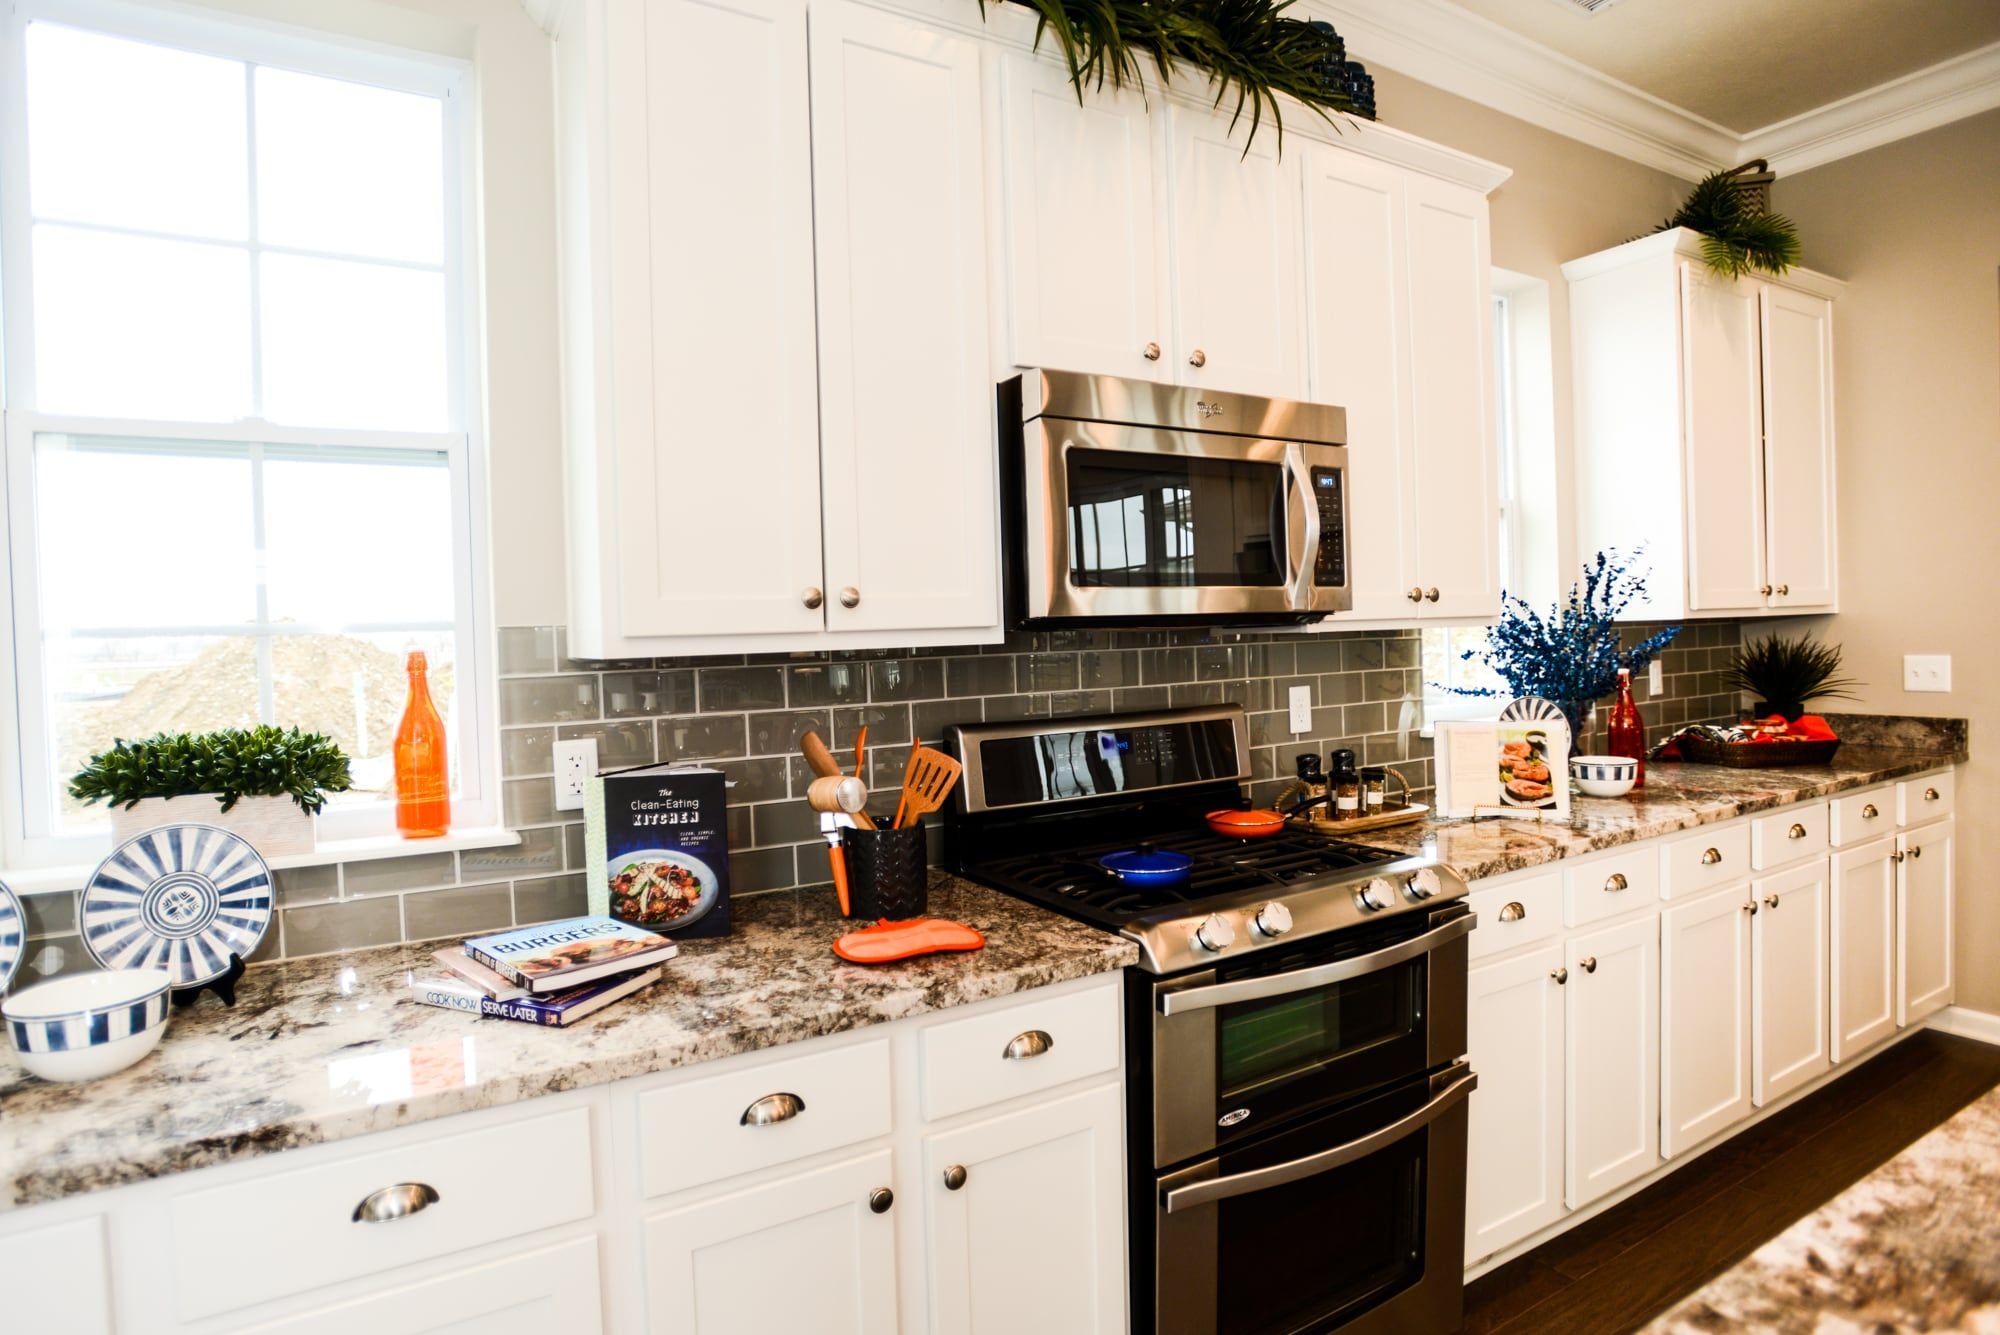 Kuche Arbeitsplatte Reiniger Kuchen Kitchen Clutter Und Clutter